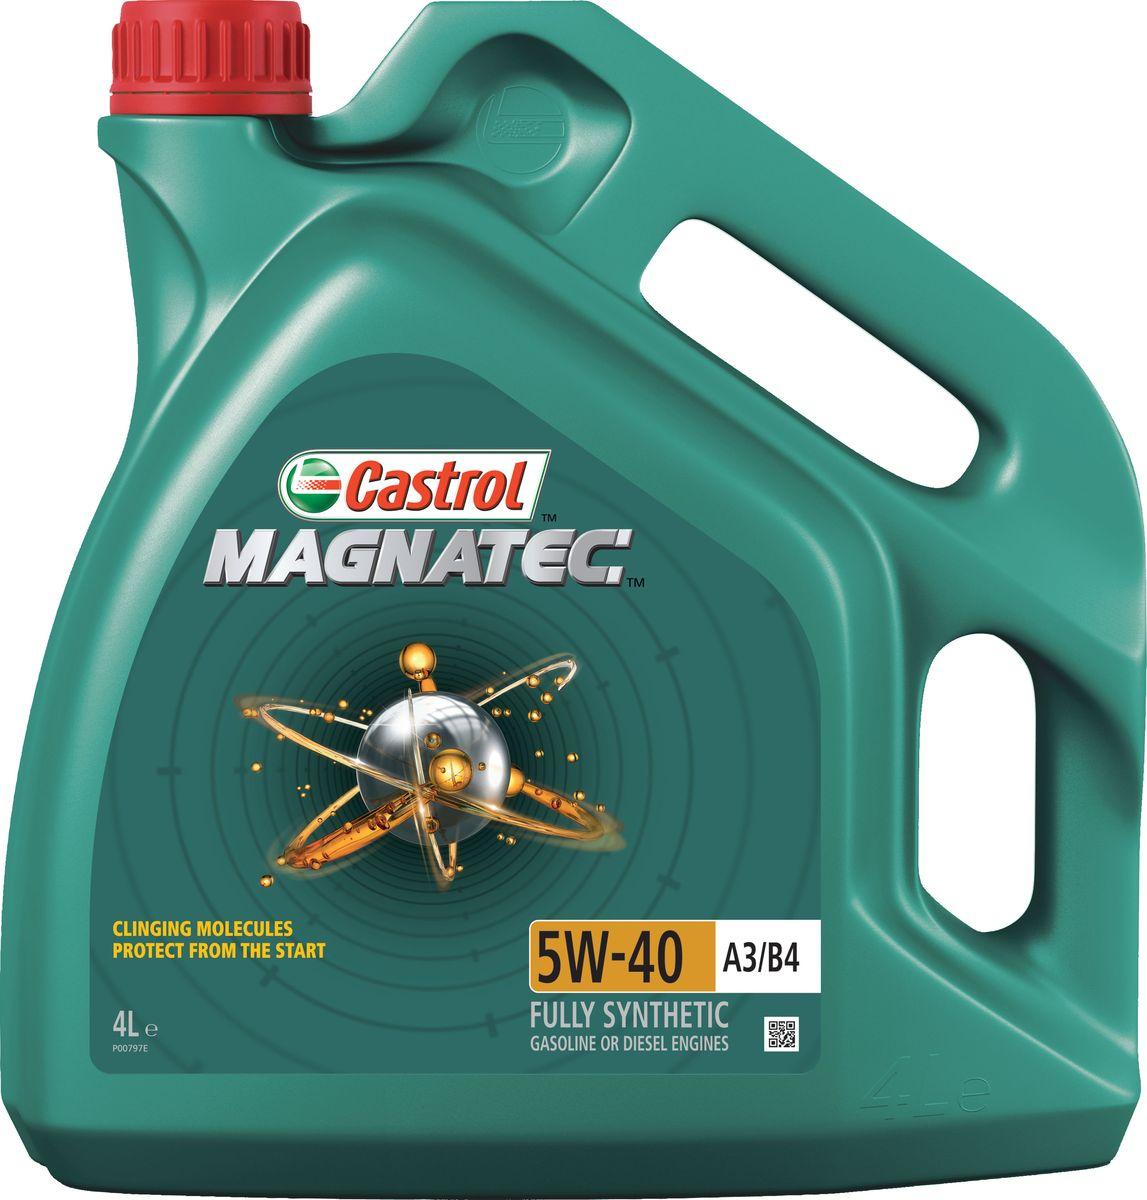 Масло моторное Castrol Magnatec, синтетическое, класс вязкости 5W-40, A3/B4, 4 л10503До 75% износа двигателя происходит во время его пуска и прогрева. Когда двигатель выключен, обычное масло стекает в поддон картера, оставляя важнейшие детали двигателя незащищенными. Молекулы Castrol Magnatec подобно магниту притягиваются к деталям двигателя и образуют сверхпрочную масляную пленку, обеспечивающую дополнительную защиту двигателя в период пуска, когда риск возникновения износа существенно возрастает.Всесезонное полностью синтетическое моторное масло Castrol Magnatec подходит для применения в бензиновых и дизельных двигателях, в которых производитель рекомендует использовать смазочные материалы спецификаций API SN/CF, ACEA A3/B3, A3/B4 или более ранних, класса вязкости SAE 5W-40.Castrol Magnatec:- удерживаются на важнейших деталях двигателя, когда обычное масло стекает в поддон картера;- притягиваются к деталям двигателя, образуя устойчивый защитный слой, сохраняющийся с первой секунды работы двигателя вплоть до следующего пуска;- сцепляются с металлическими поверхностями деталей двигателя, делая их более устойчивыми к изнашиванию;- в сочетании с синтетической технологией обеспечивают повышенную защиту при высоко- и низкотемпературных режимах работы двигателя;- обеспечивают постоянную защиту в любых условиях эксплуатации, при различных стилях вождения и в широком диапазоне температур.Castrol Magnatec проявляет отличные эксплуатационные характеристики в экстремальных условиях холодного пуска.Castrol Magnatec специально разработано и протестировано с учетом особенностейроссийских условий эксплуатации. Обеспечивает комплексную защиту двигателя даже при самых тяжелых дорожных условиях: эксплуатация при низкой температуре, использование российского топлива и движение в городских пробках.Спецификации.ACEA A3/B4,API SN/CF,BMW Longlife-01,MB-Approval 226.5 / 229.3,Renault RN 0700 / RN 0710,Volkswagen 502 00/ 505 00.Товар сертифицирован.